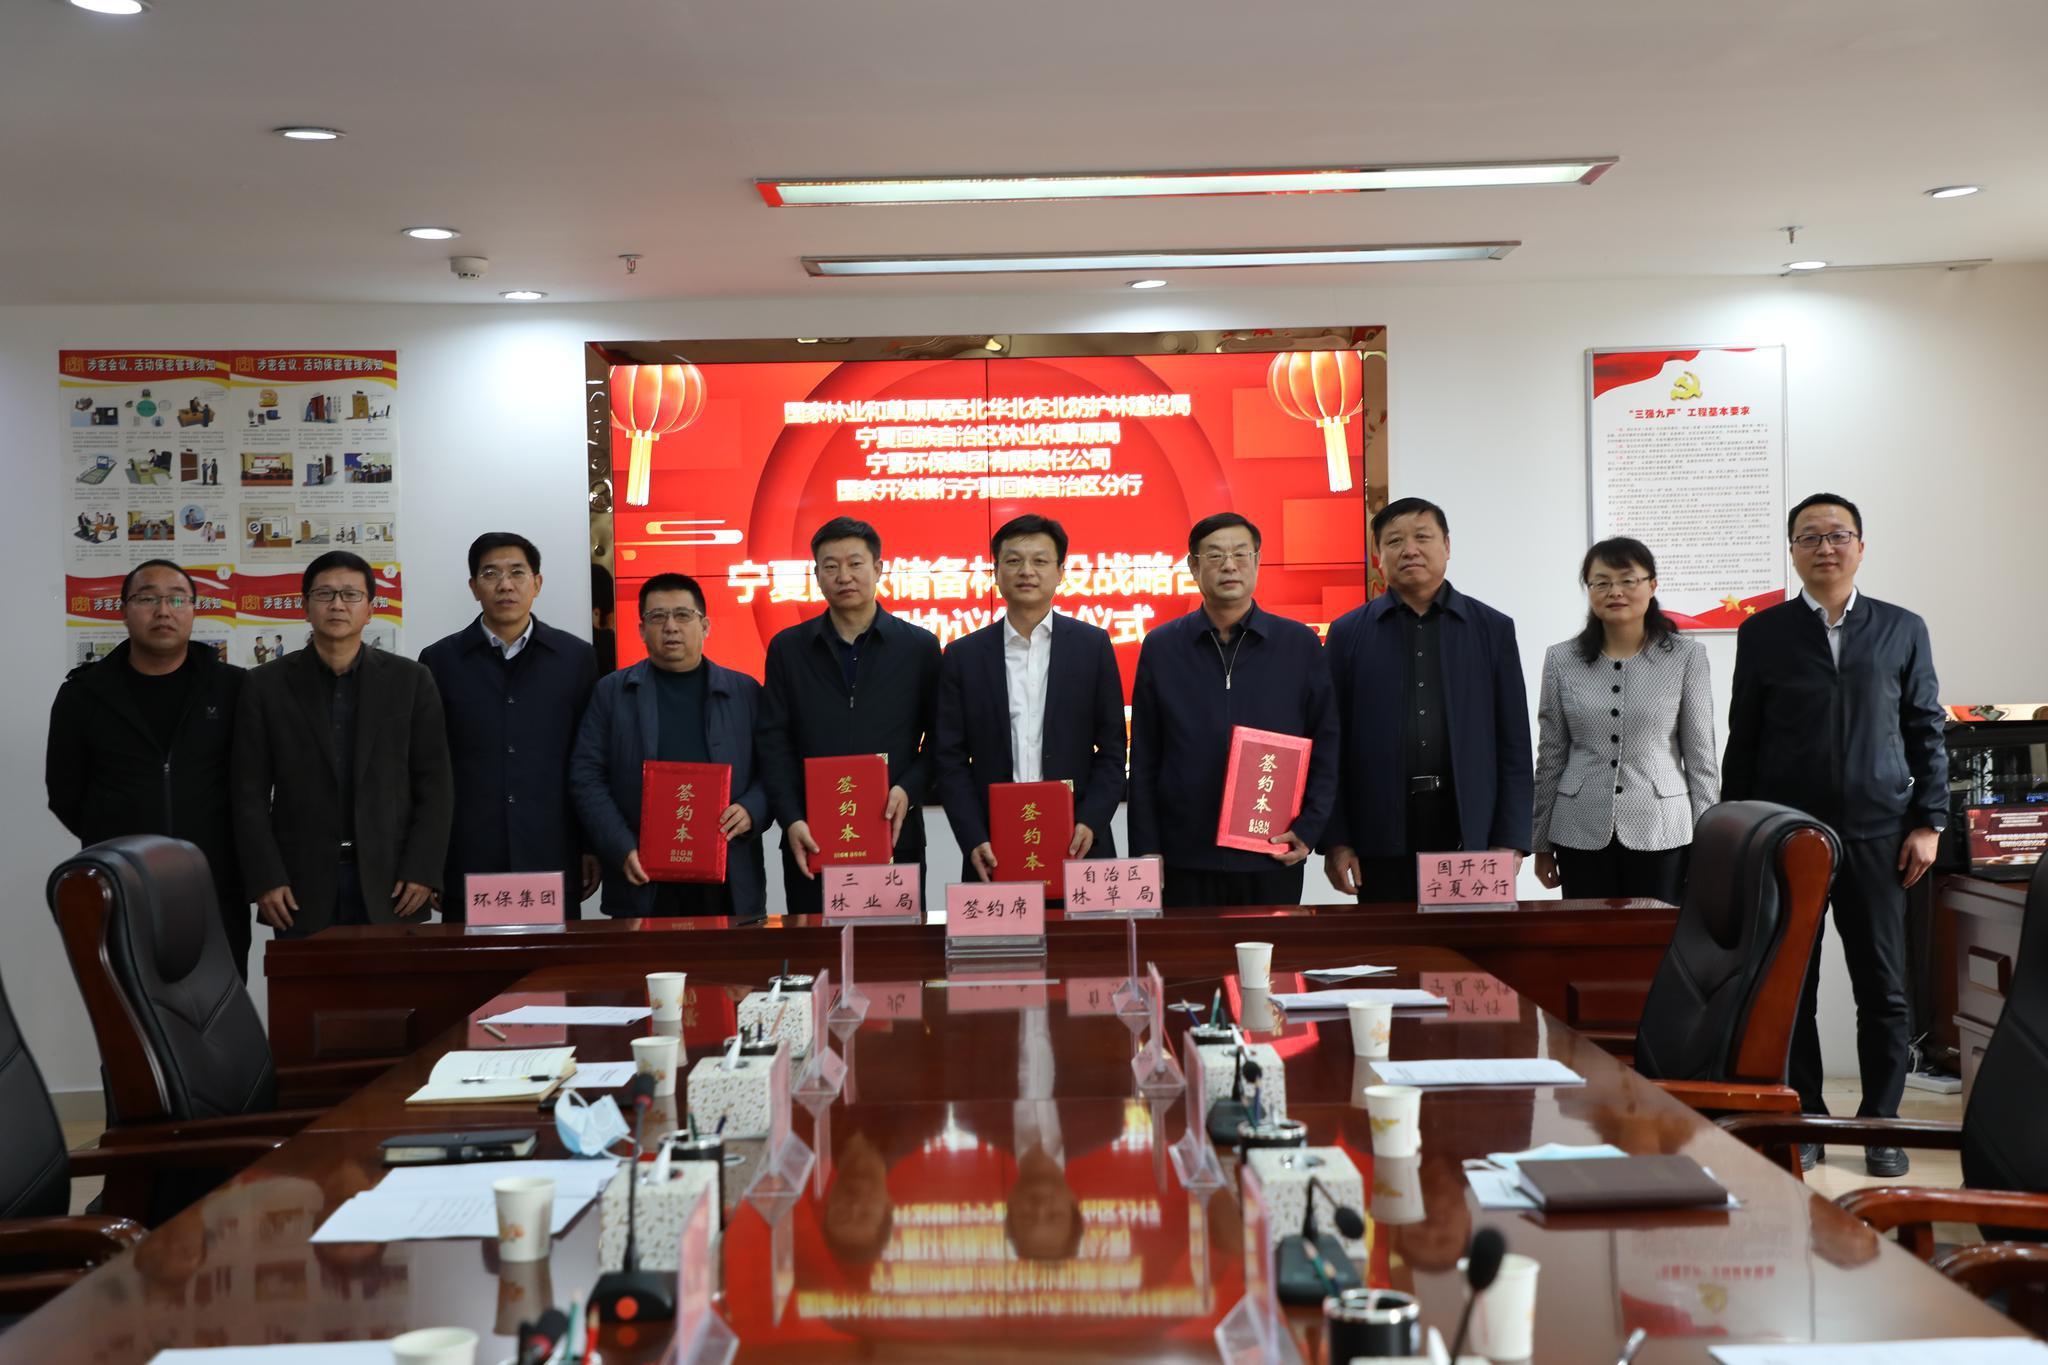 生态保护重要举措!宁夏国家储备林建设获开发性金融支持